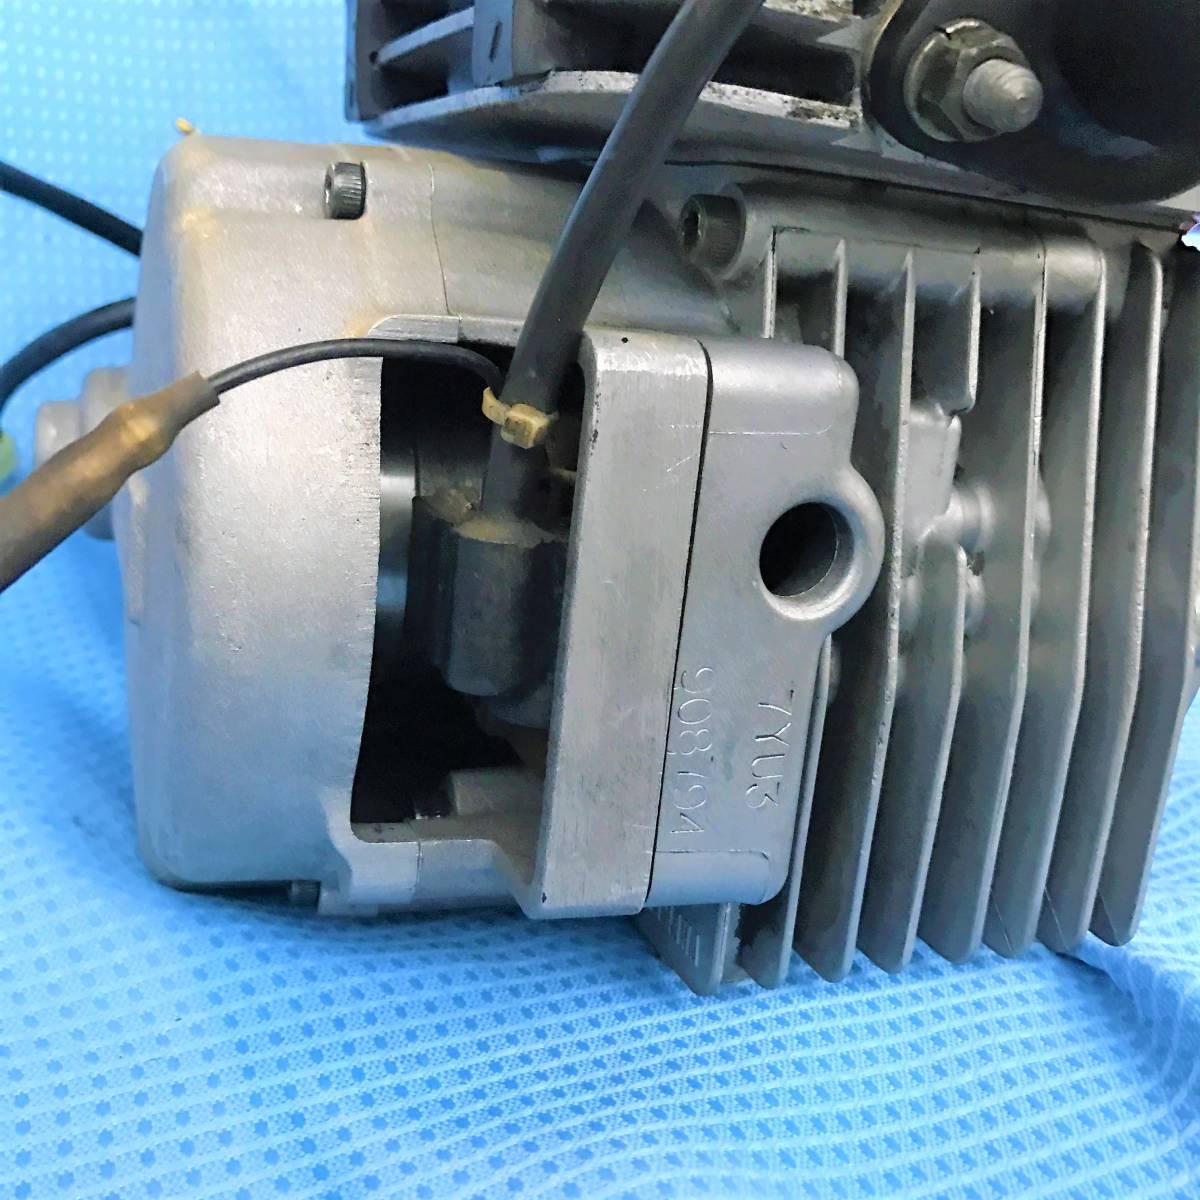 即決 ヤマハ 新型SLクラッチ KT100SEC 中古美品 ピストンノーマル オーバーホール済み クランク芯だし 1/1000mm セル 電装品セット_画像5